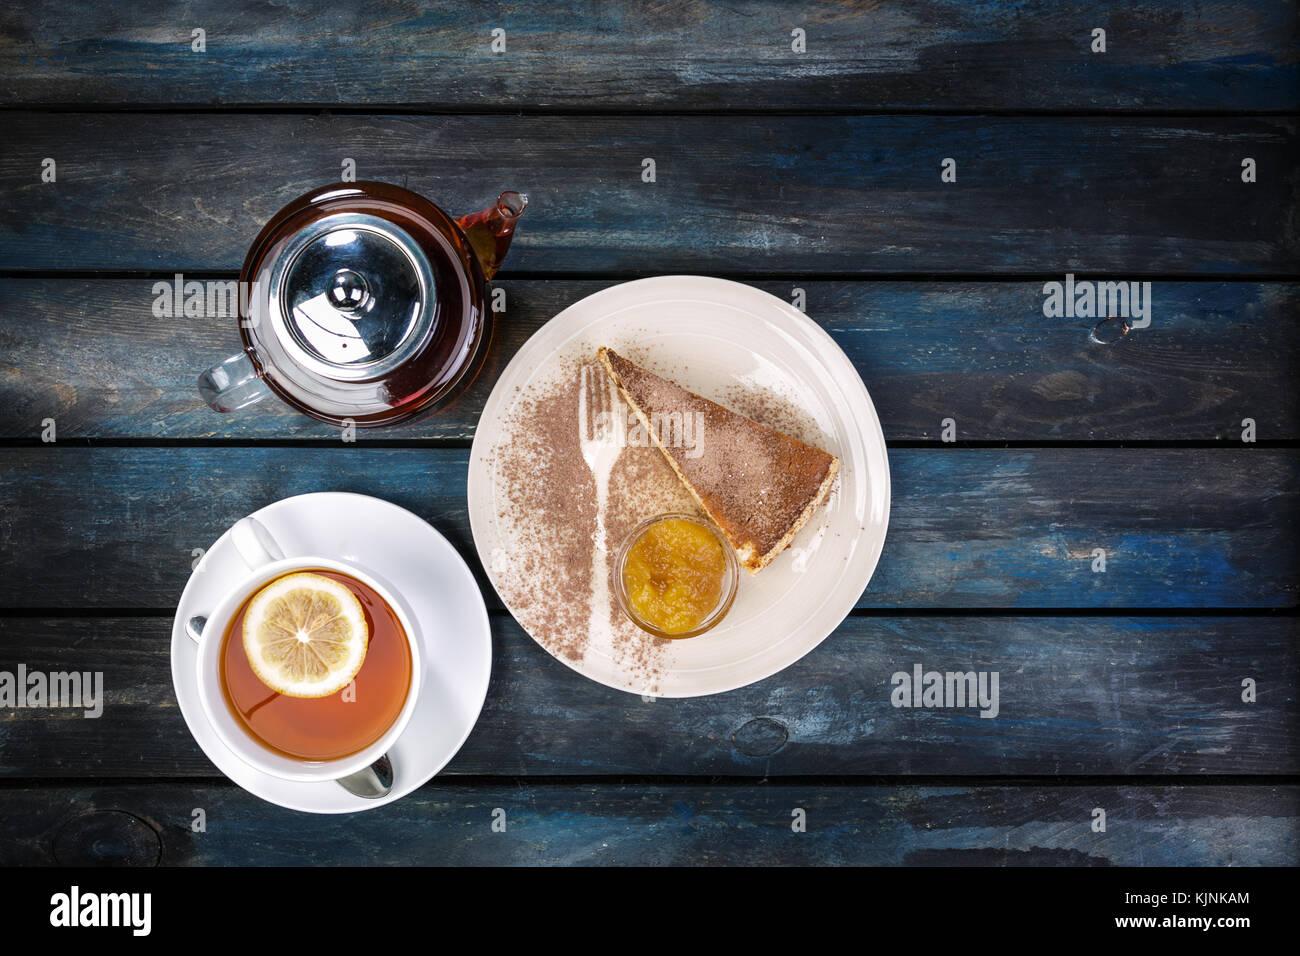 Stück Käsekuchen mit Marmelade und Tee Wasserkocher mit Zitrone auf einem farbigen Hintergrund Holz. top Stockbild